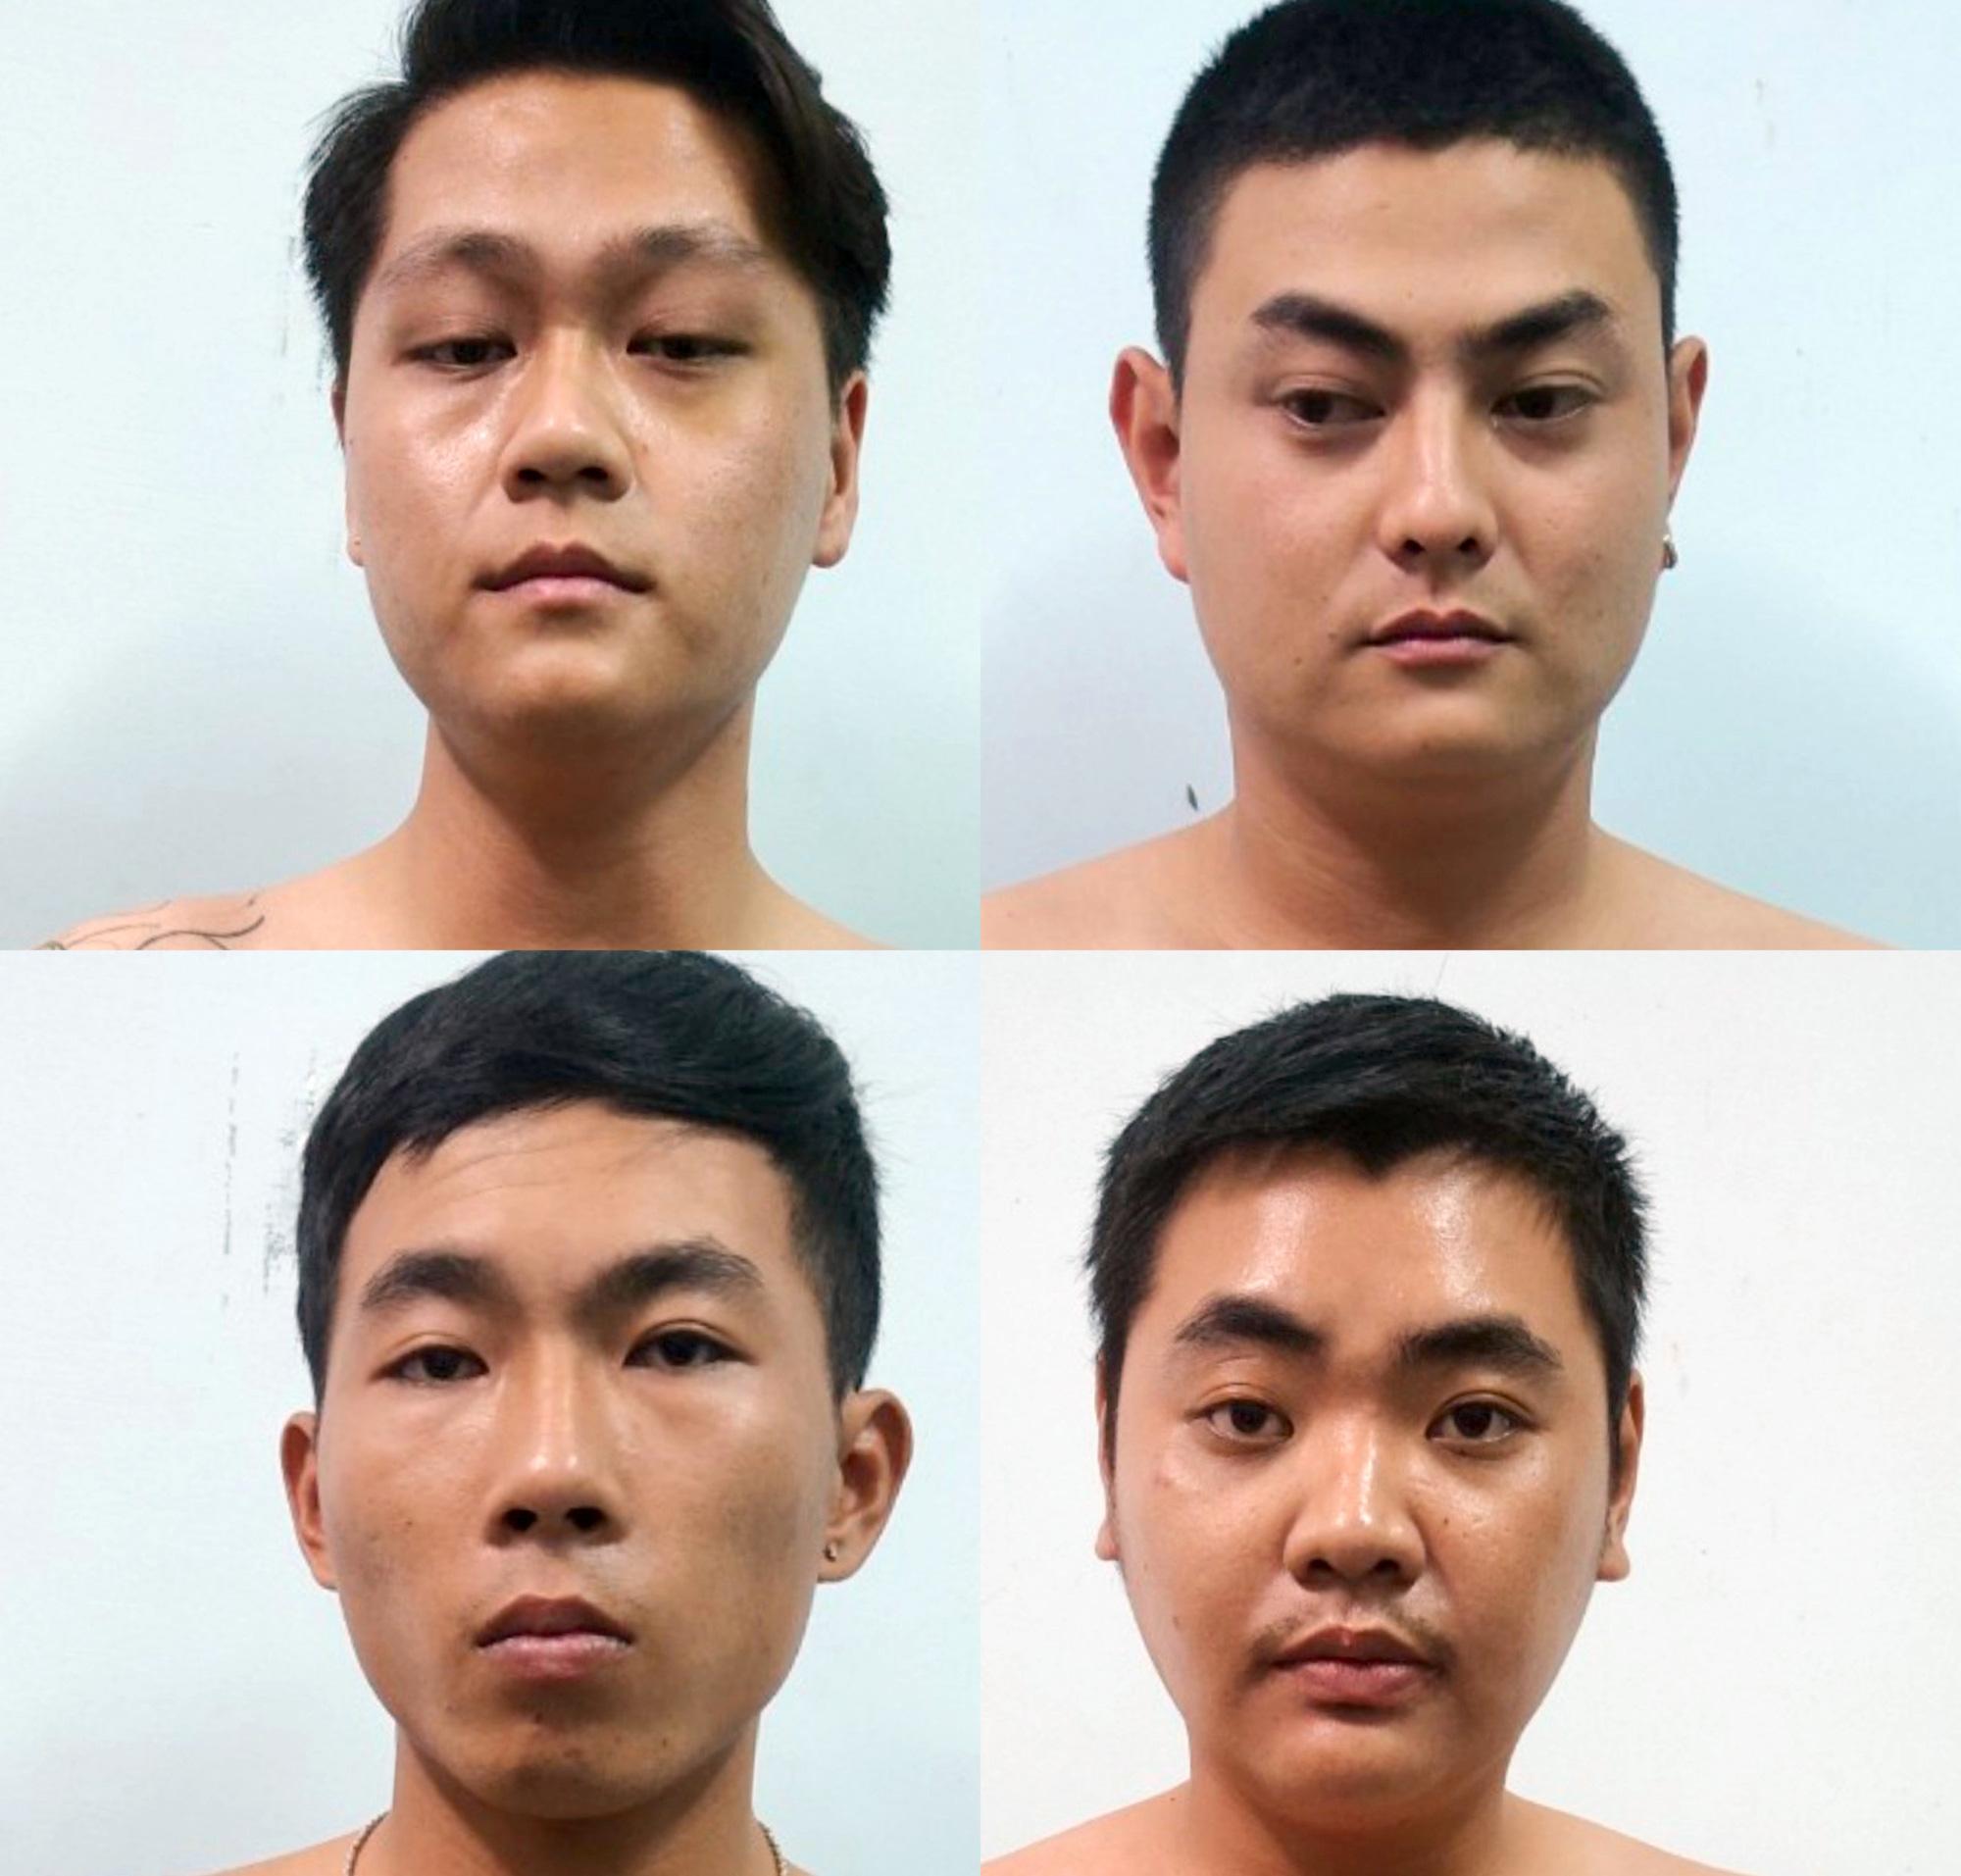 4 thanh niên giúp bạn lẩn trốn sau khi gây án mạng - Ảnh 2.